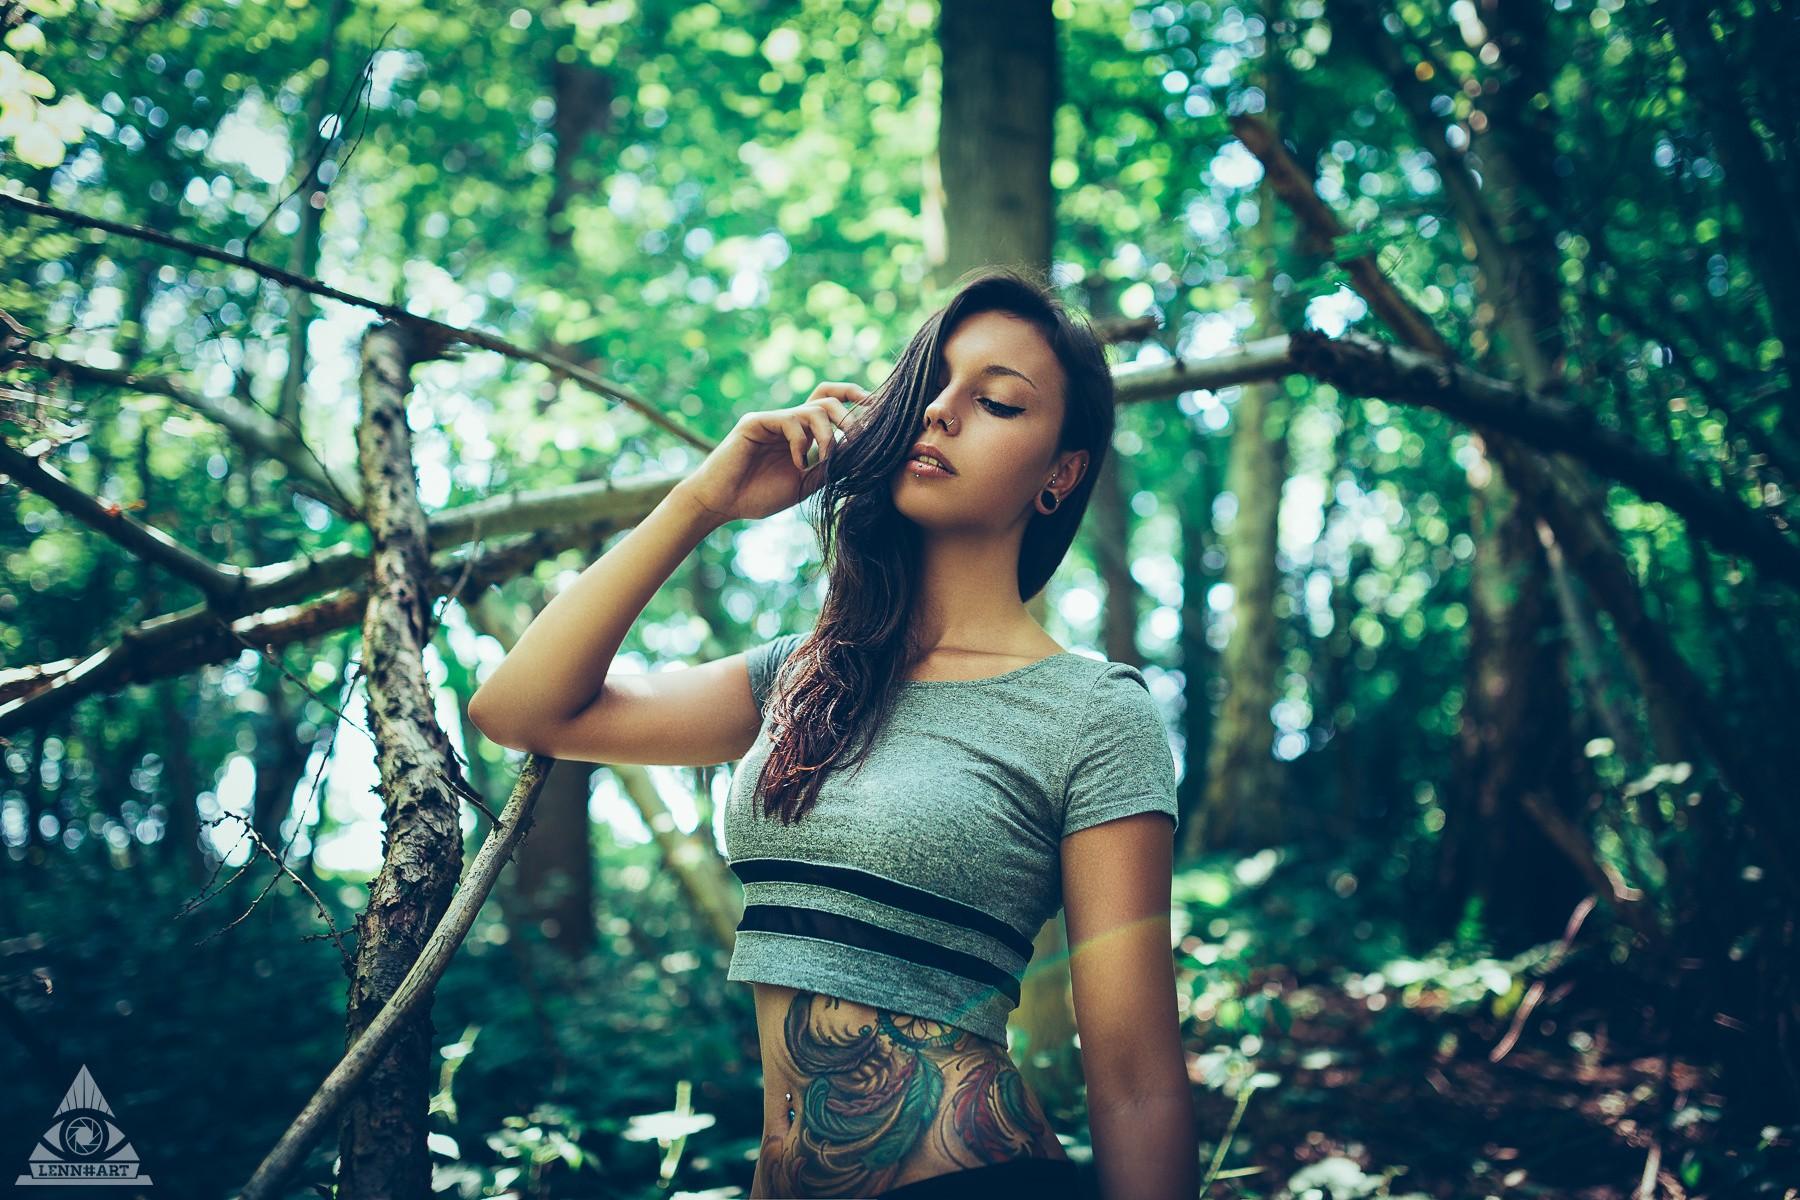 Fondos De Pantalla Luz De Sol Bosque Mujer Modelo Naturaleza